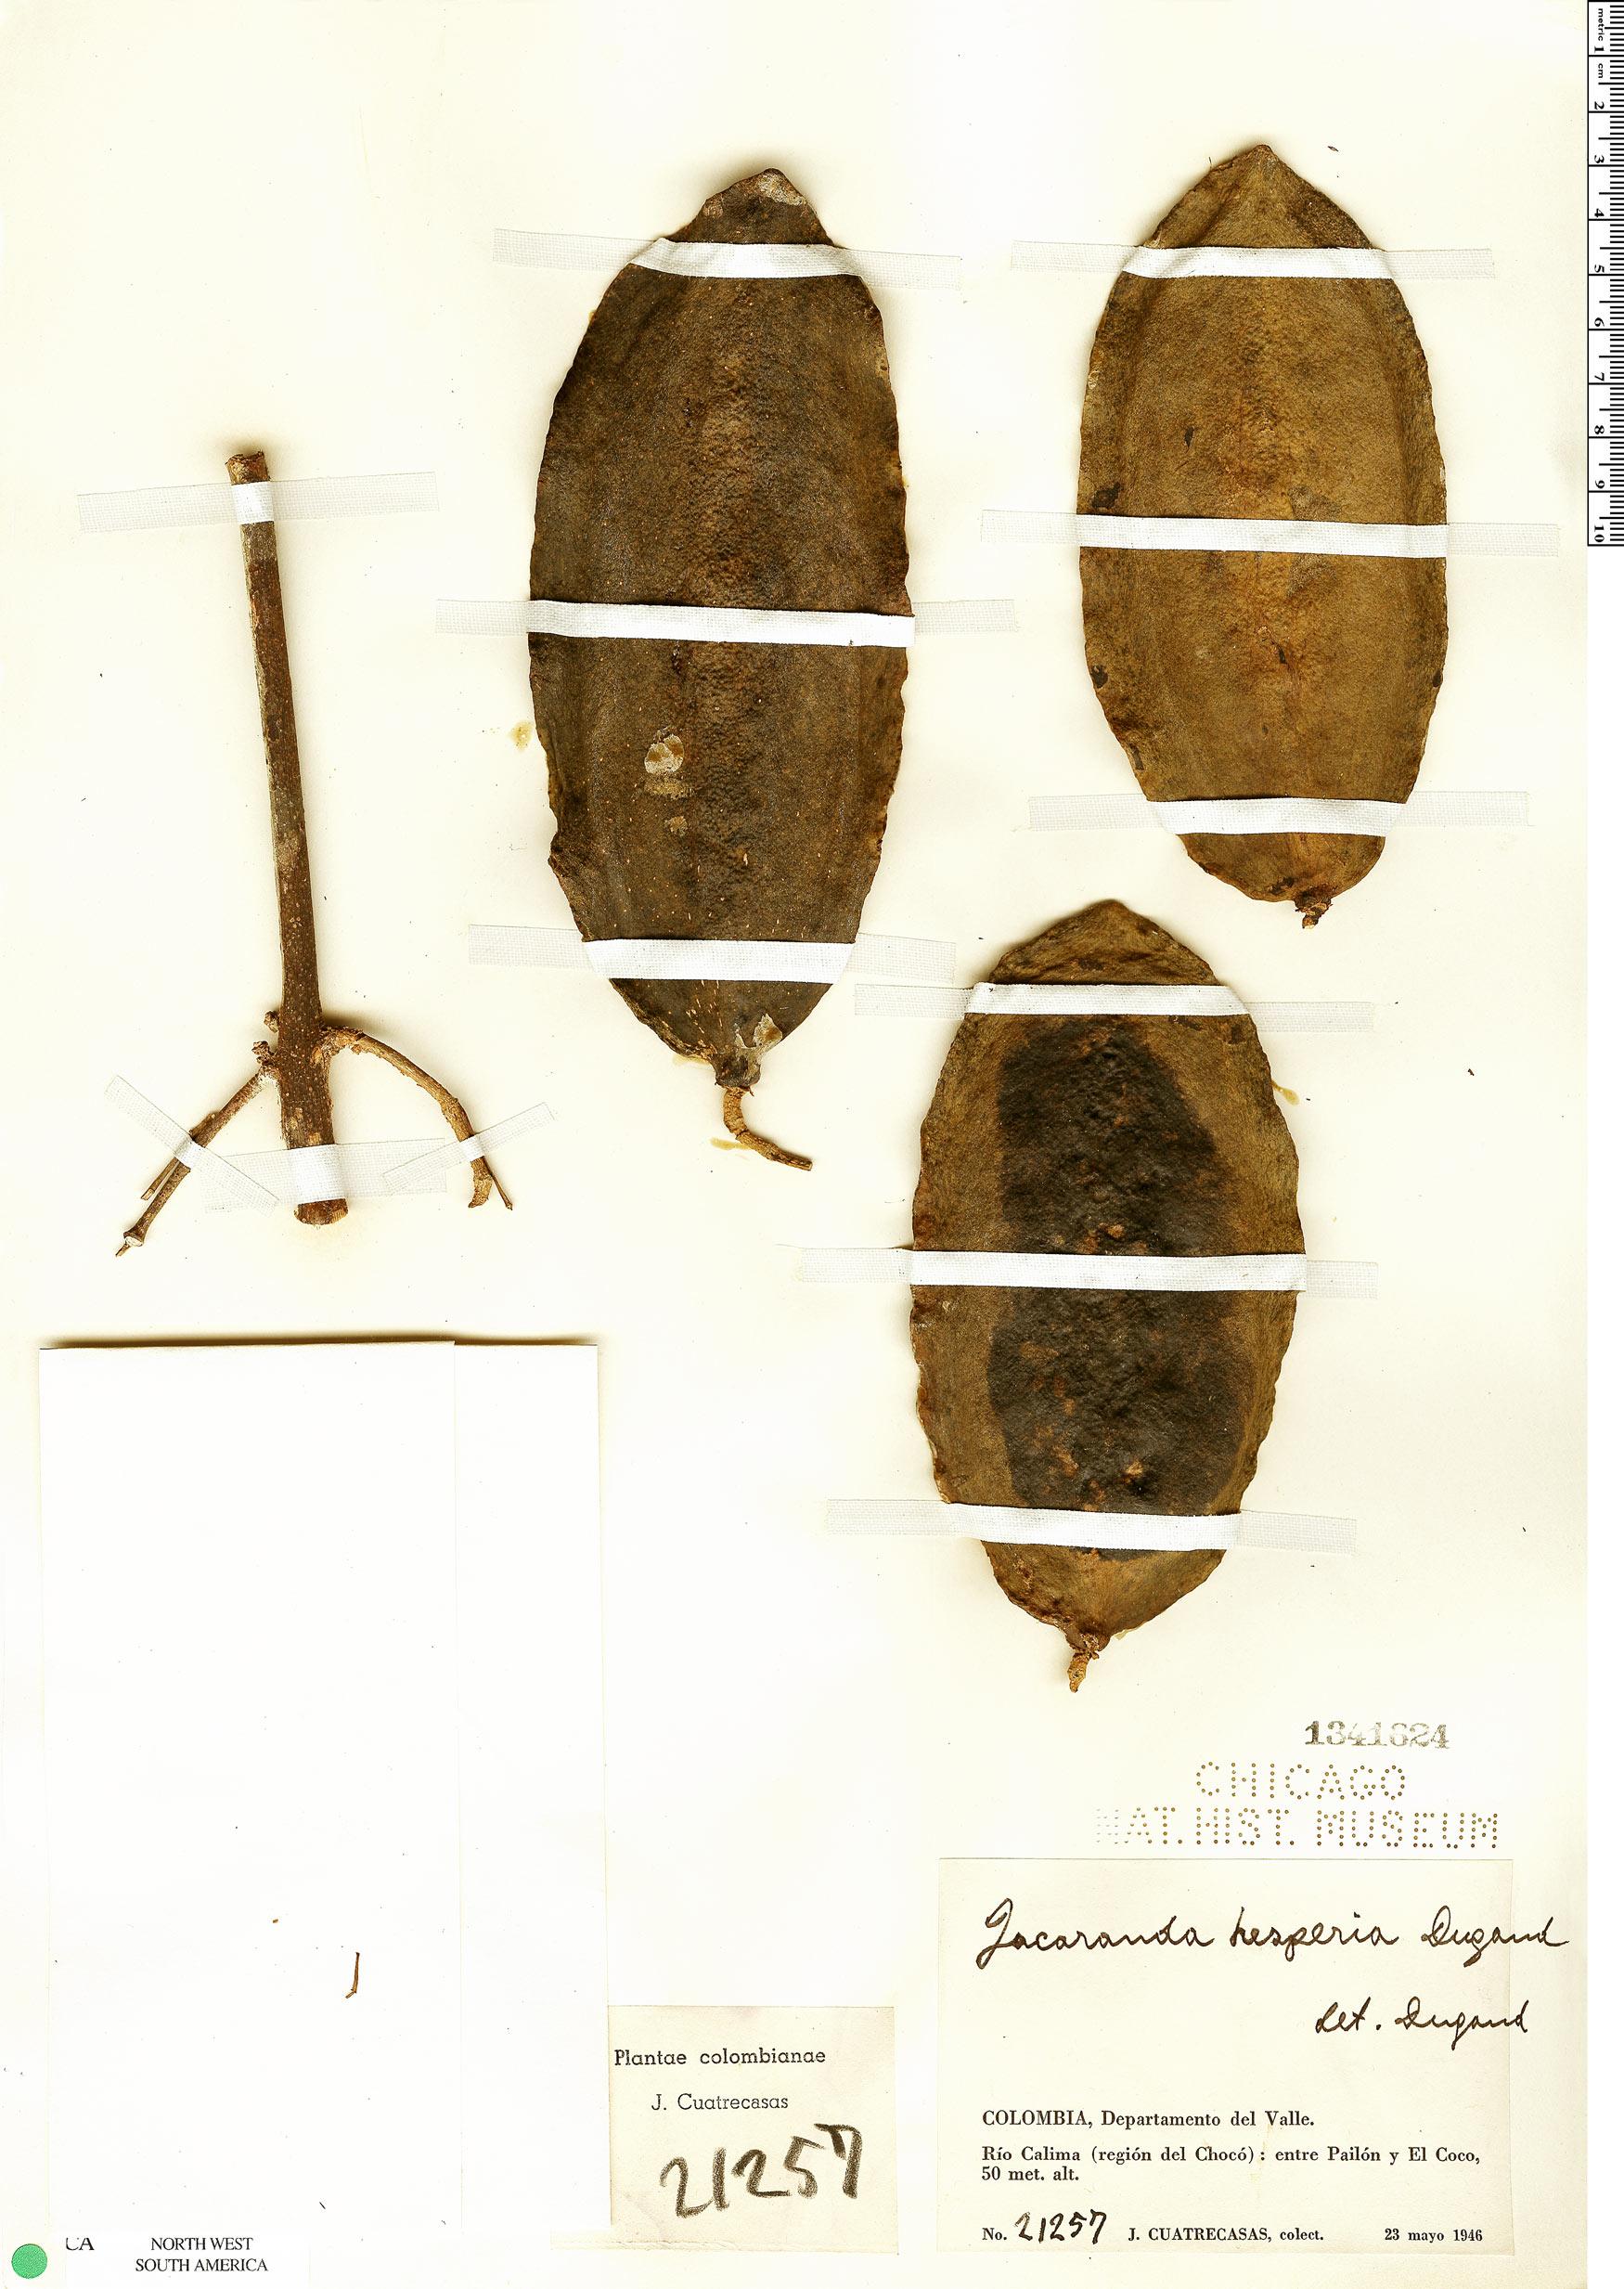 Specimen: Jacaranda hesperia